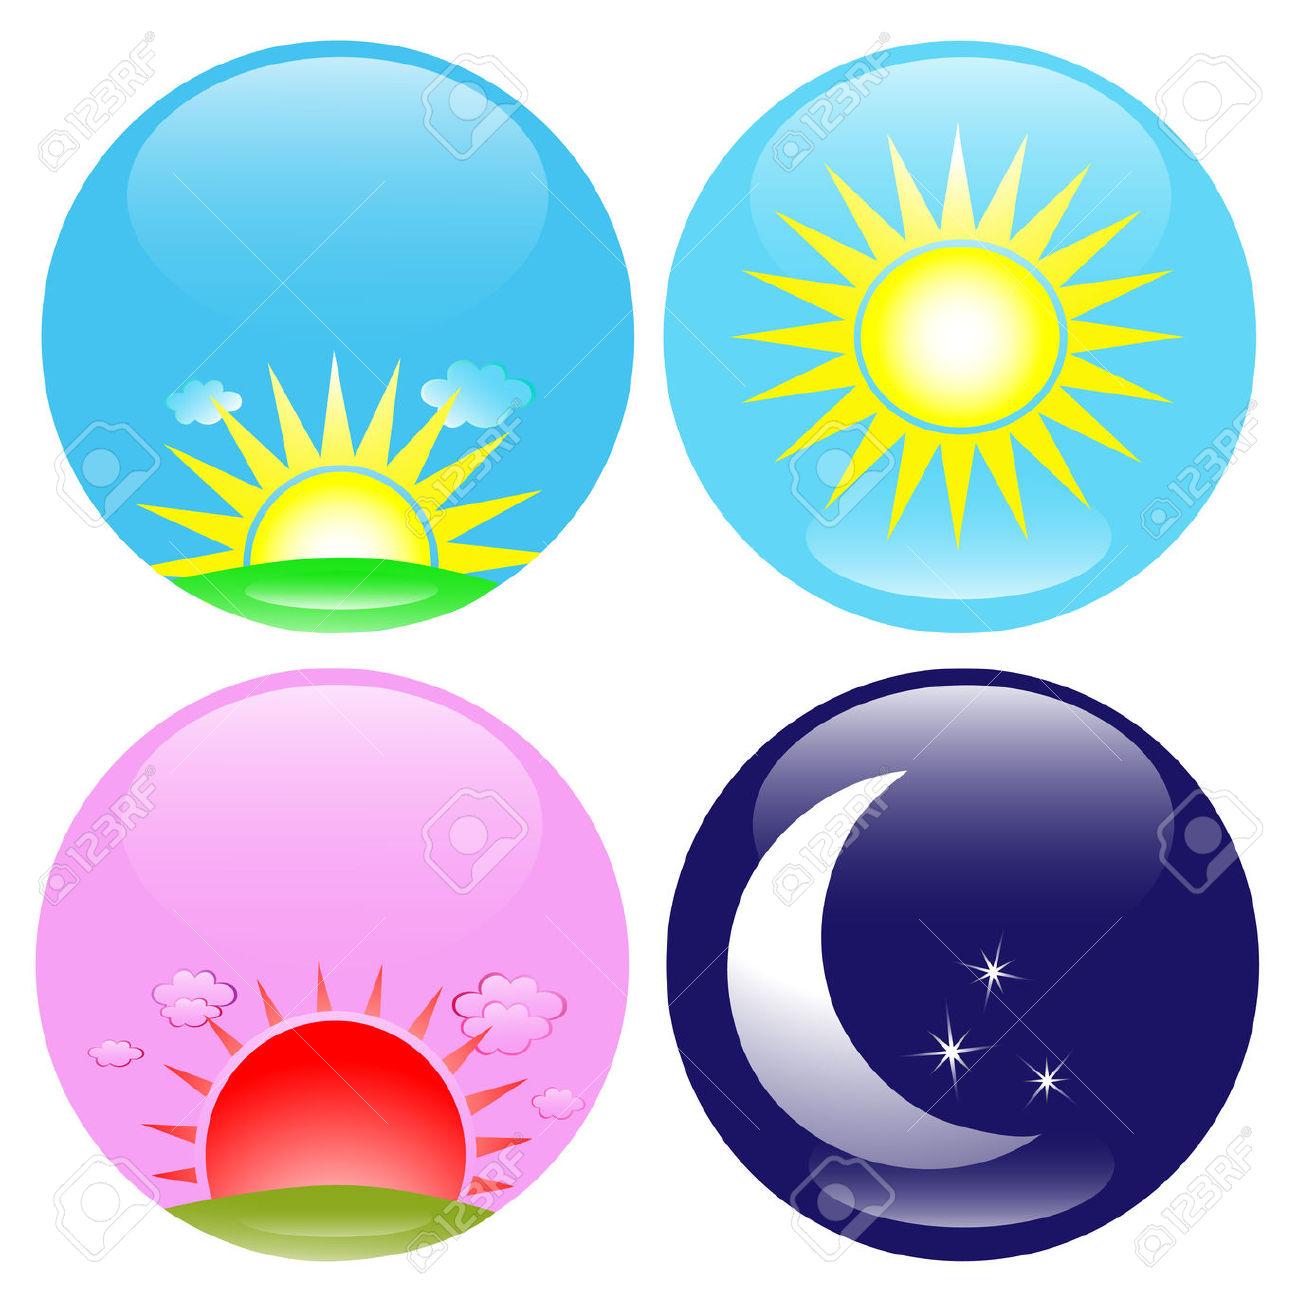 Día, Noche, Amanecer Y Atardecer Icono Conjunto Ilustraciones.